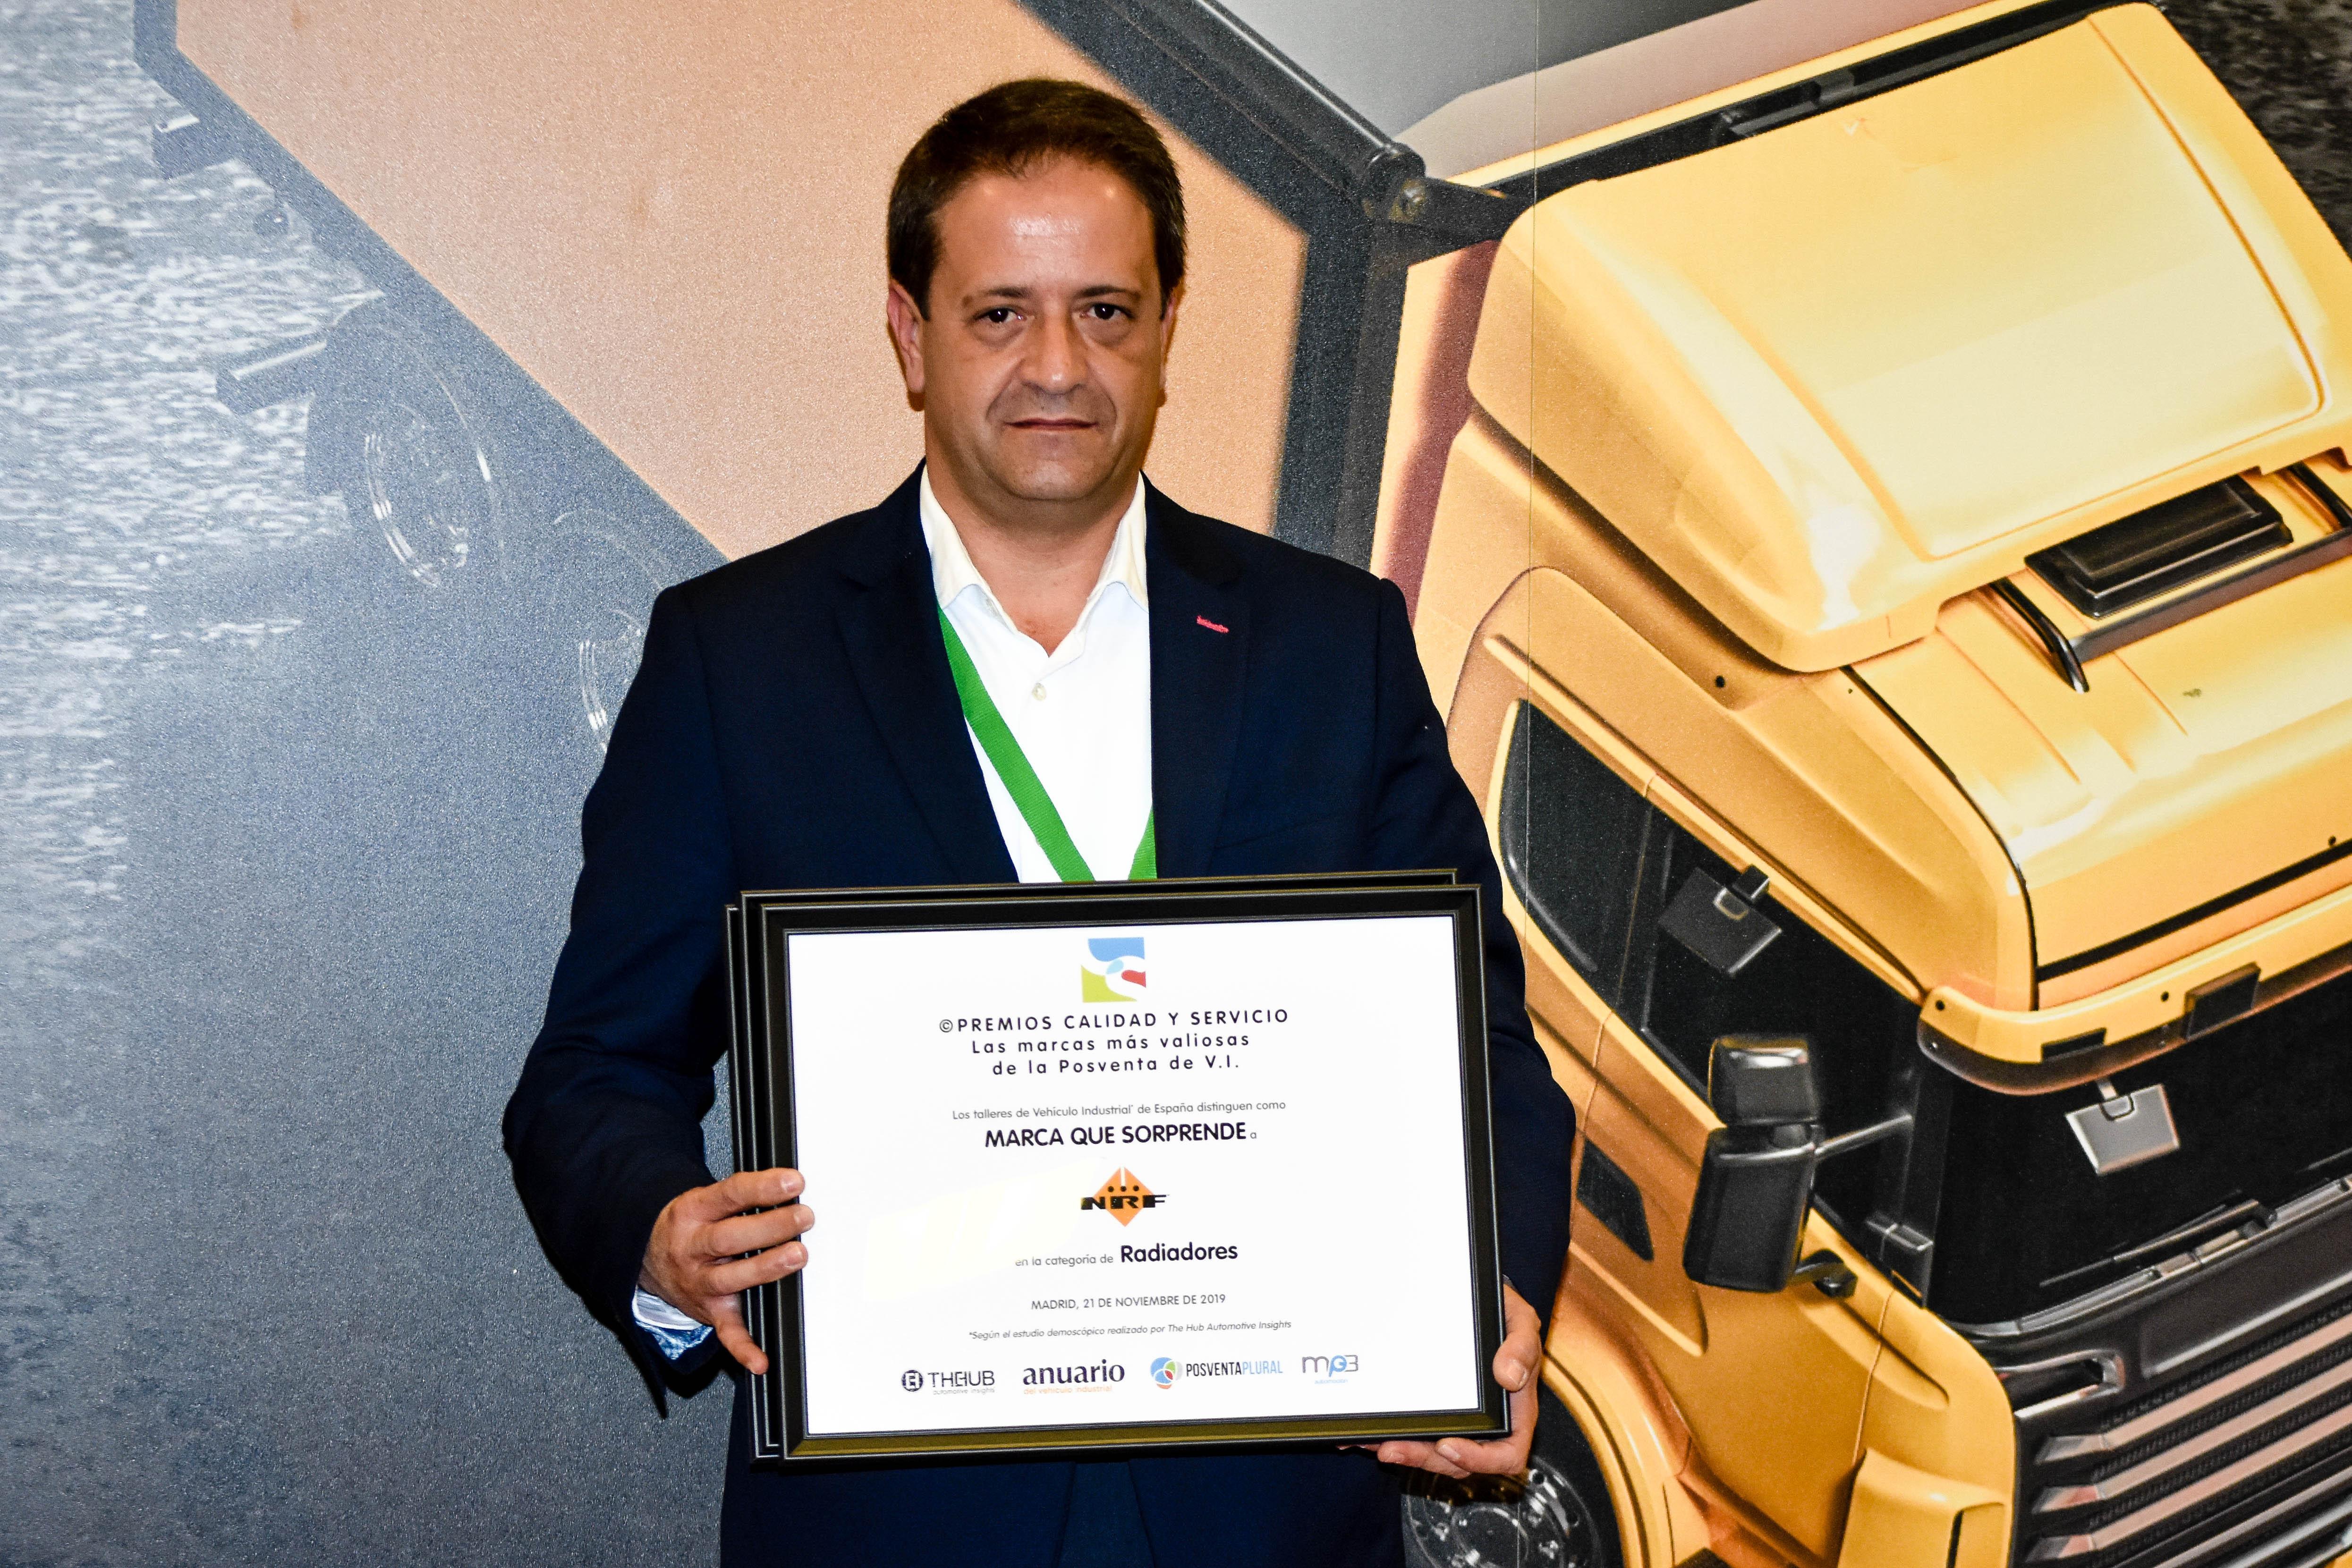 Ganador Premios Calidad y Servicio de la Posventa de Automoción 2019 Marca Que Sorprende | NRF Radiadores